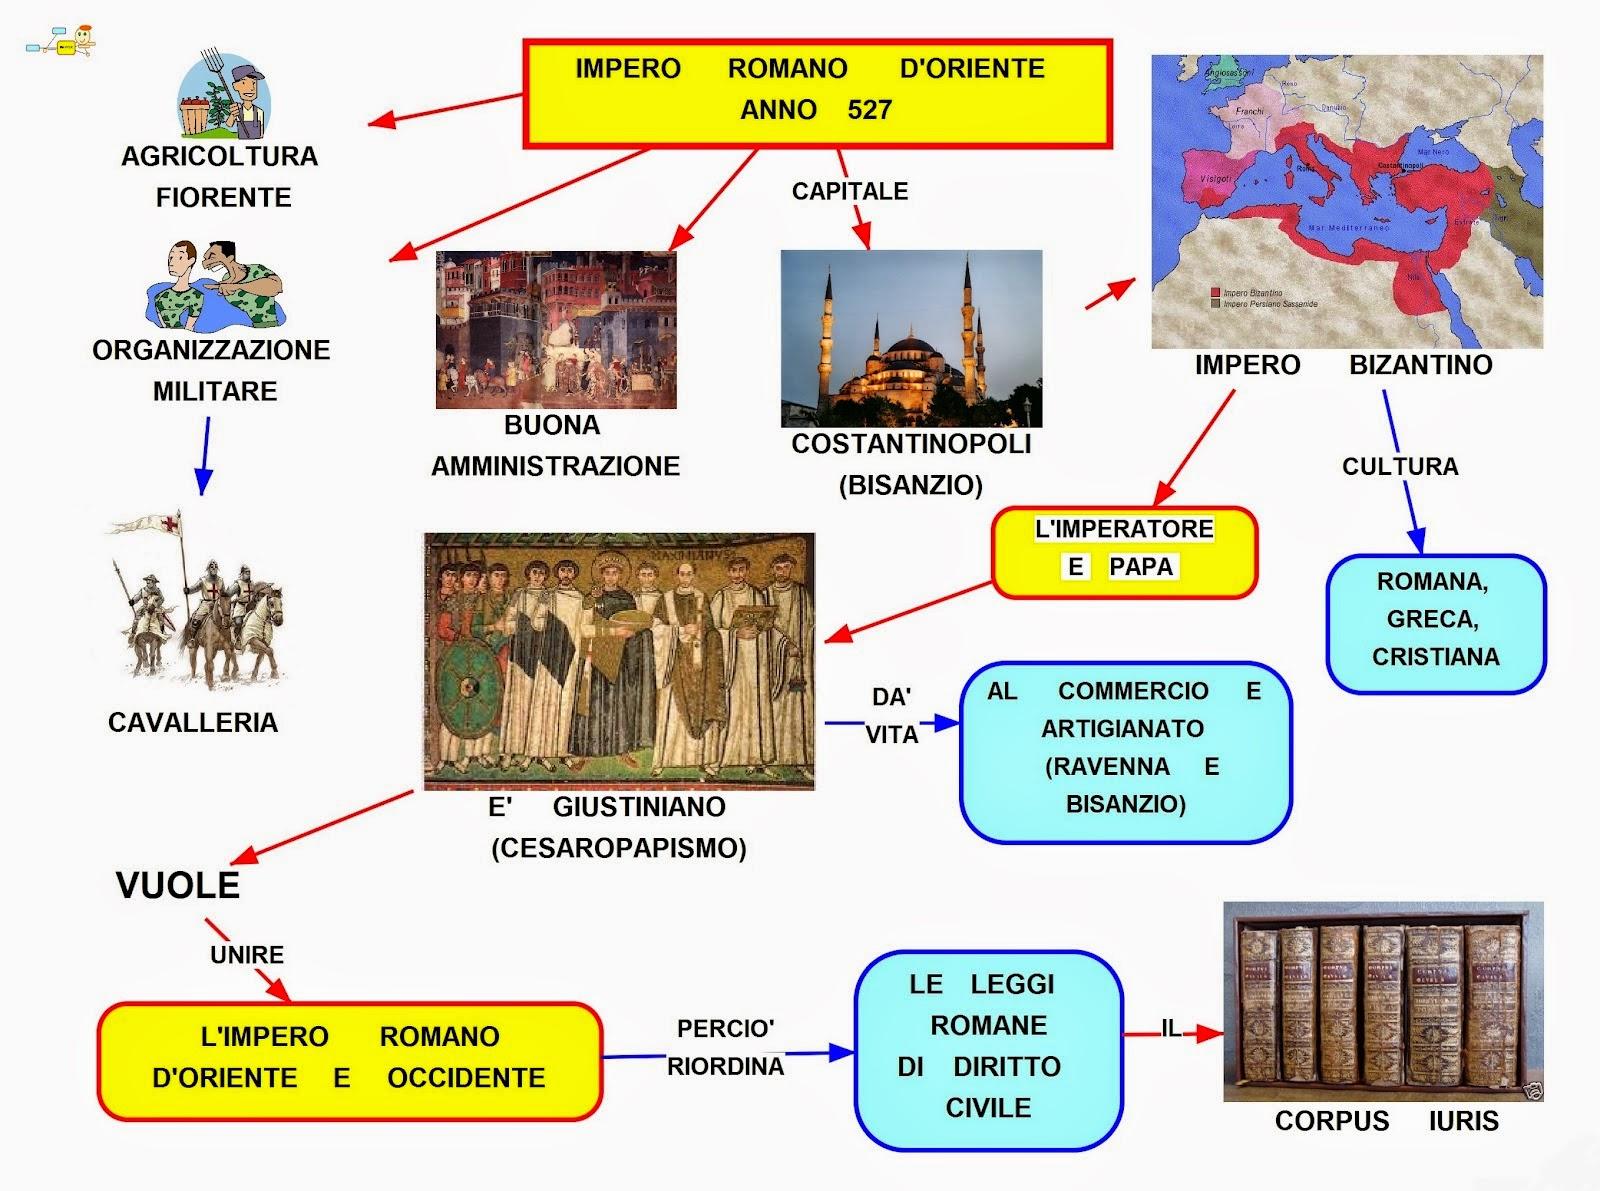 Super Mappa concettuale: Impero romano d'Oriente QJ86